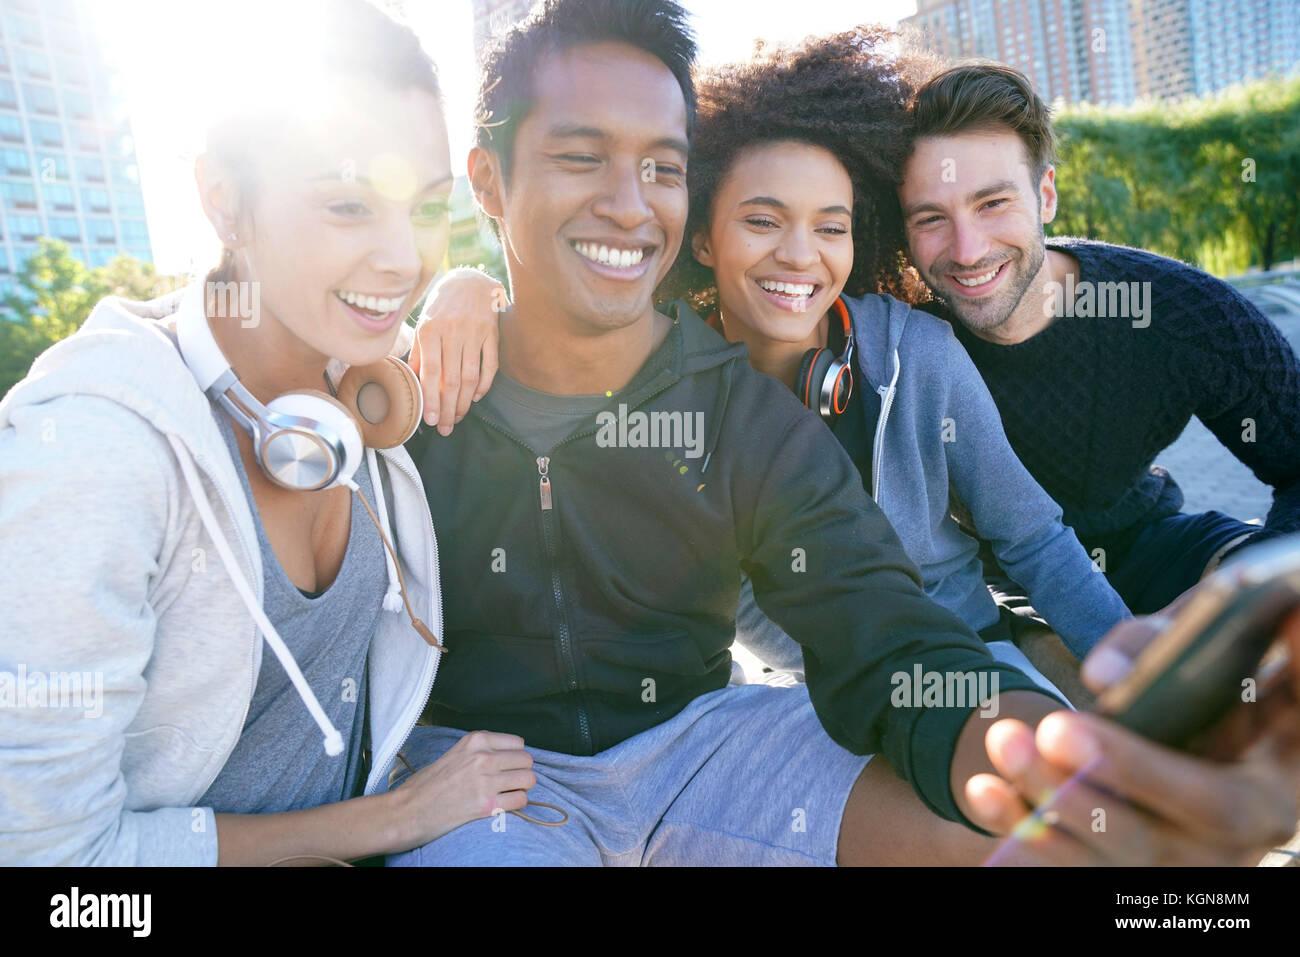 Gruppo di amici in abito casual tenendo selfie foto con lo smartphone Immagini Stock